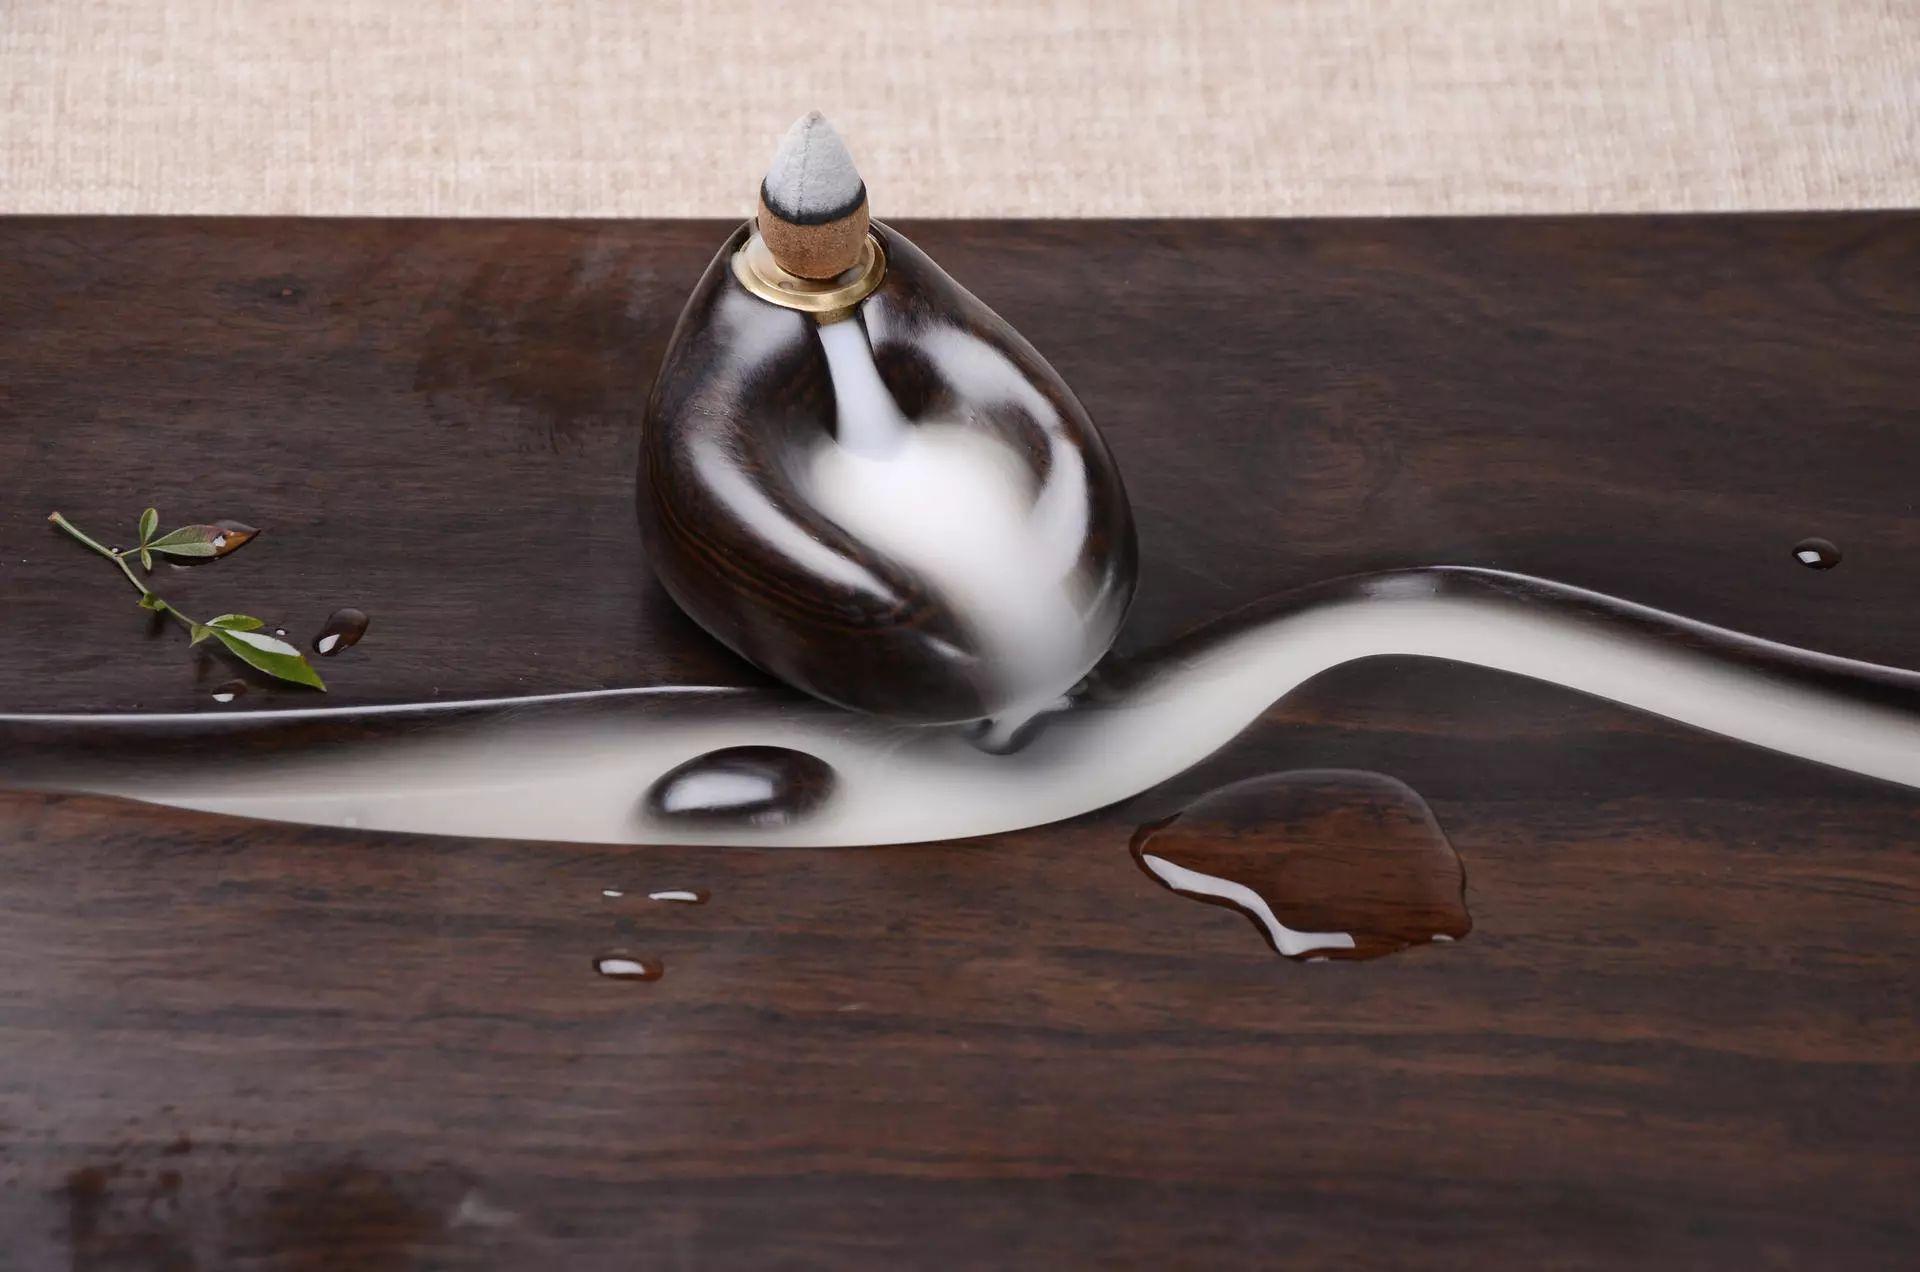 该茶盘设计不仅可以流水,也可以流香!